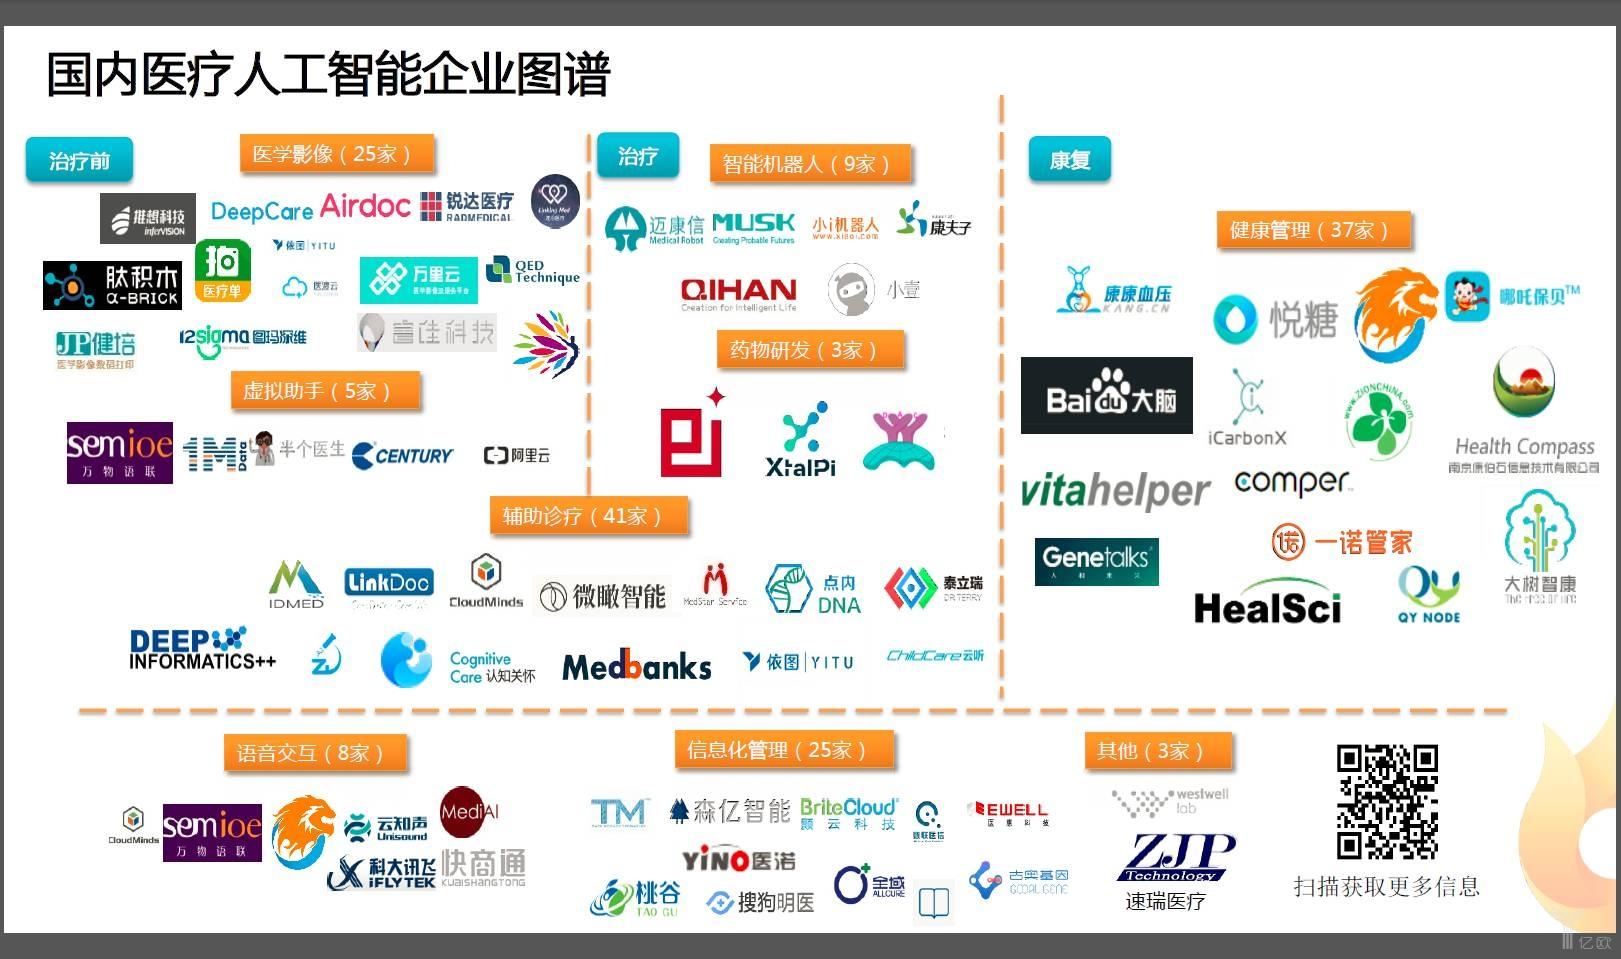 医疗人工智能在中国到底发展得怎样?看完这份图谱便知晓